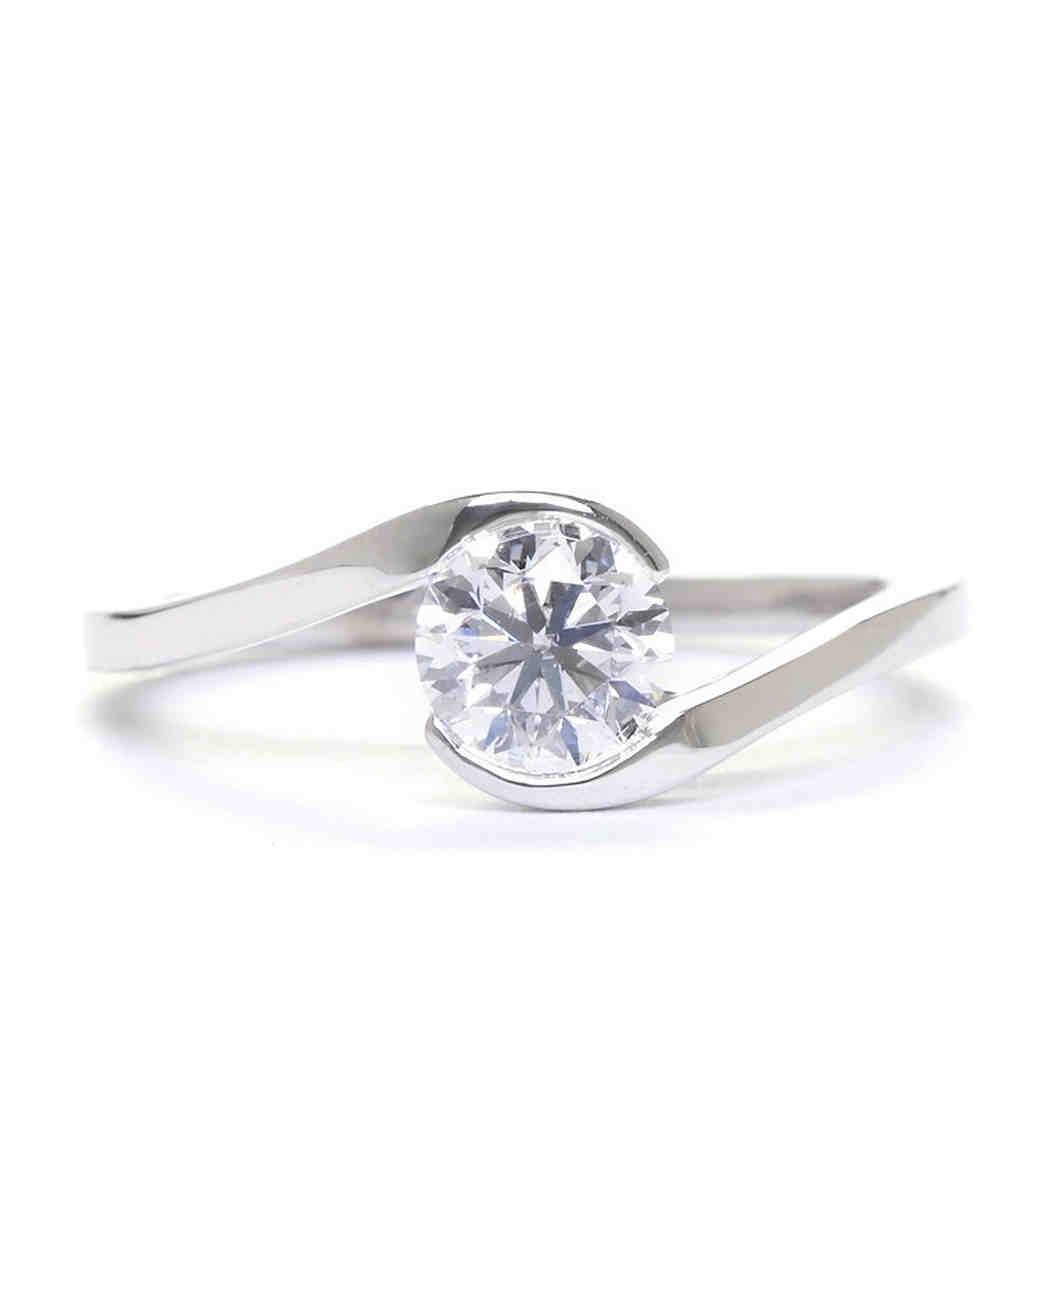 Sholdt White Gold Engagement Ring